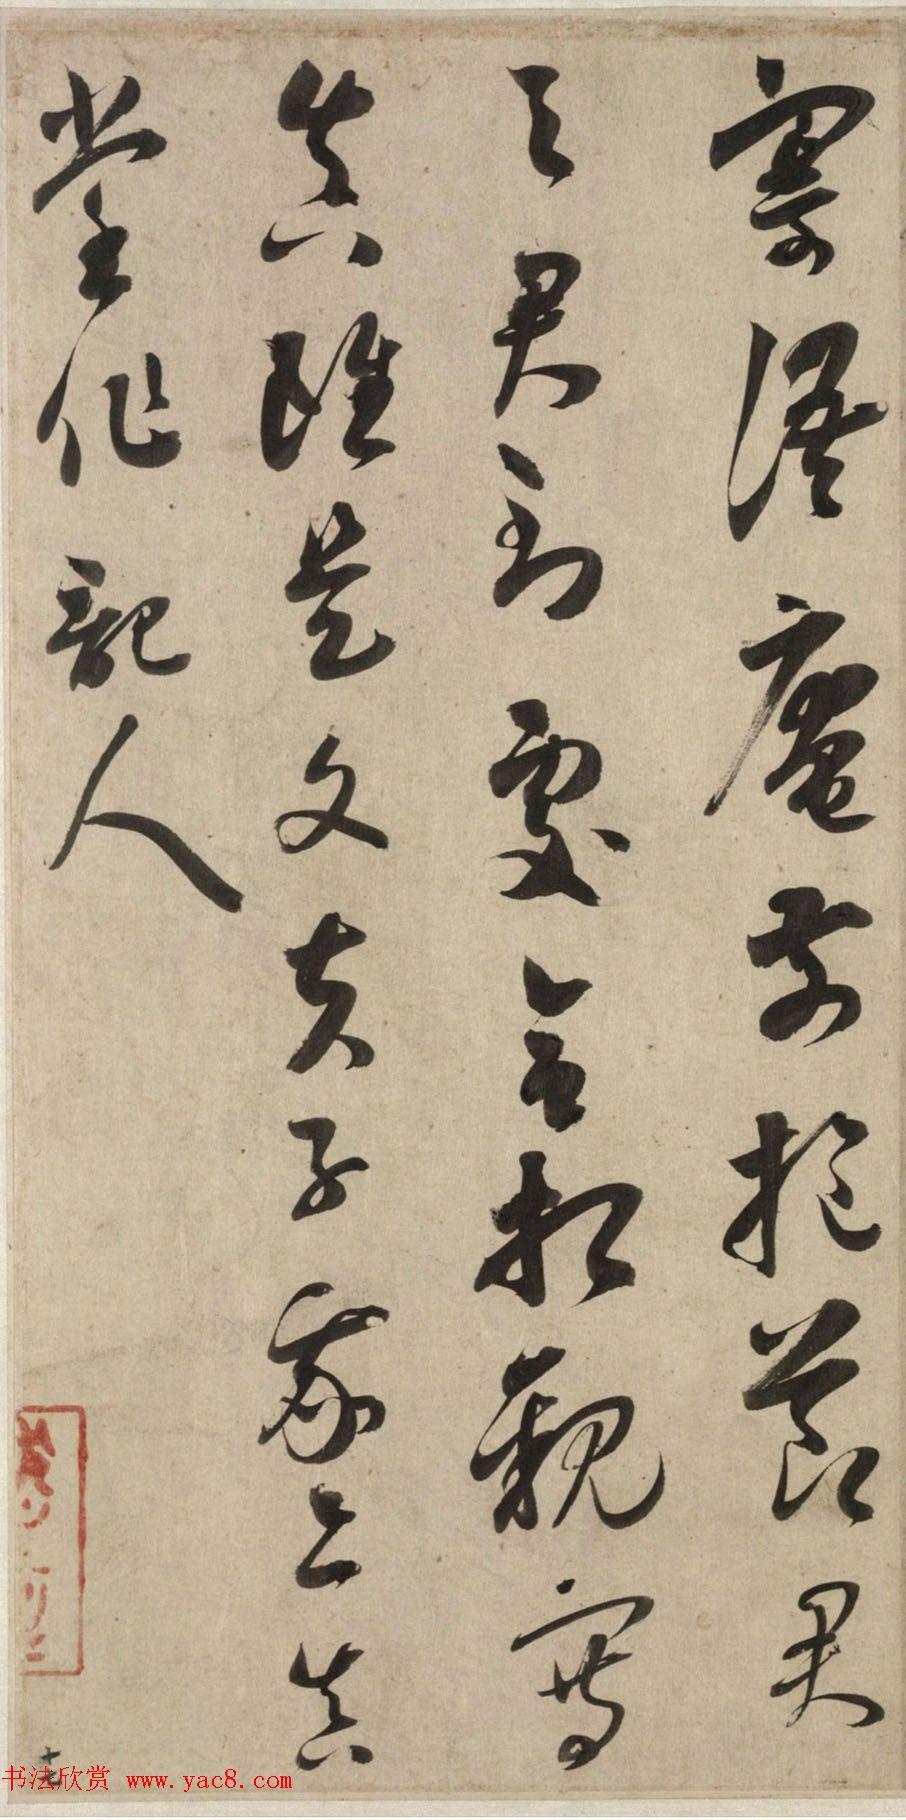 吴琚行草书法手卷赏析《杂诗帖卷》